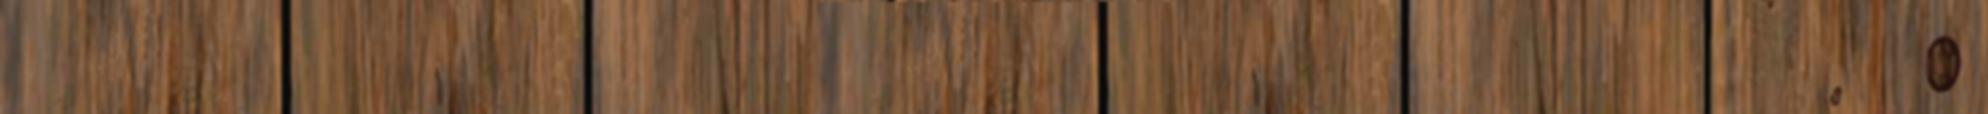 Woodgrain.png